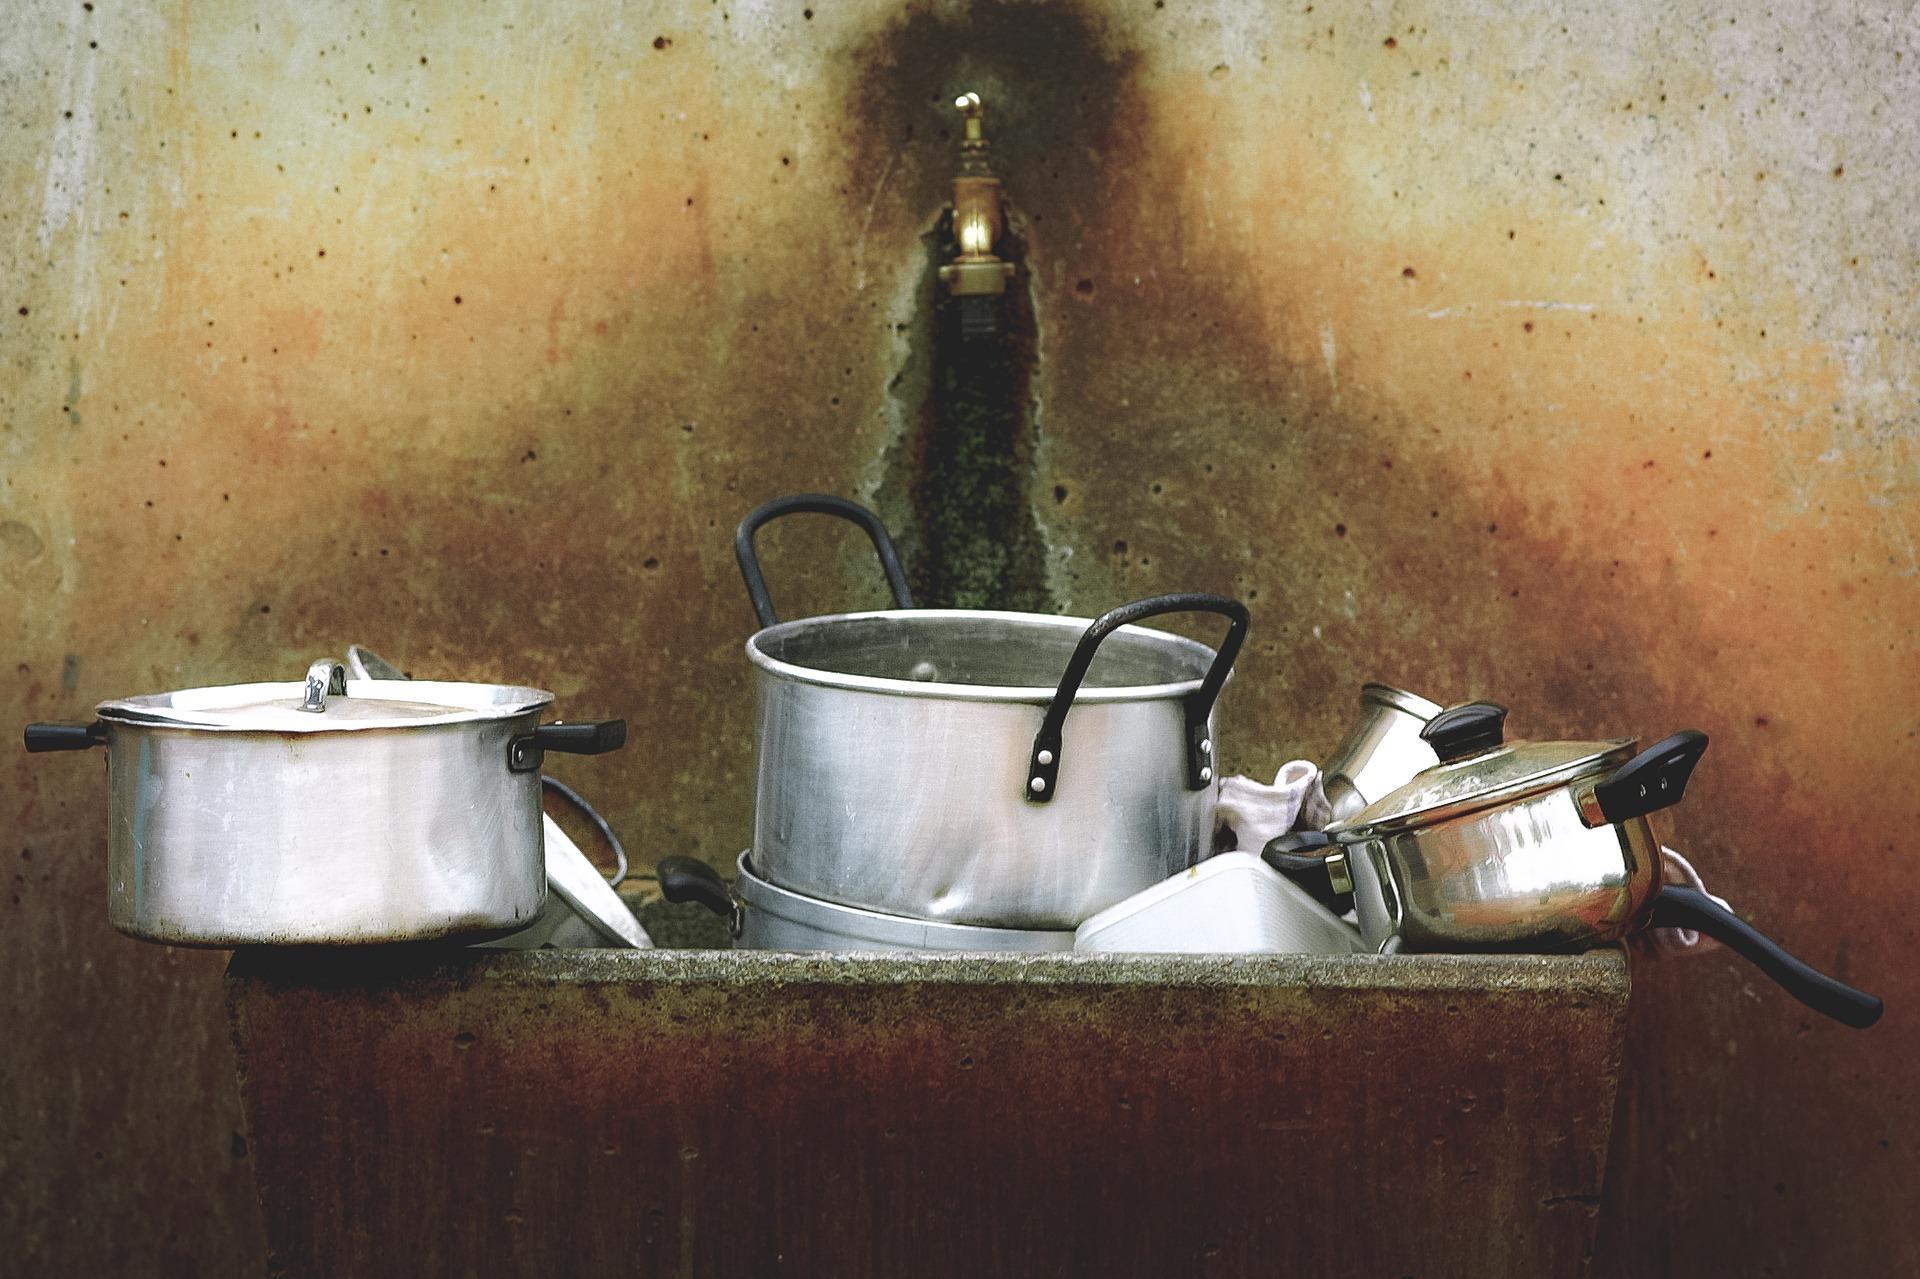 Kochgeschirr gibt es in unterschiedlichen Ausführungen auf gutshausblog.de